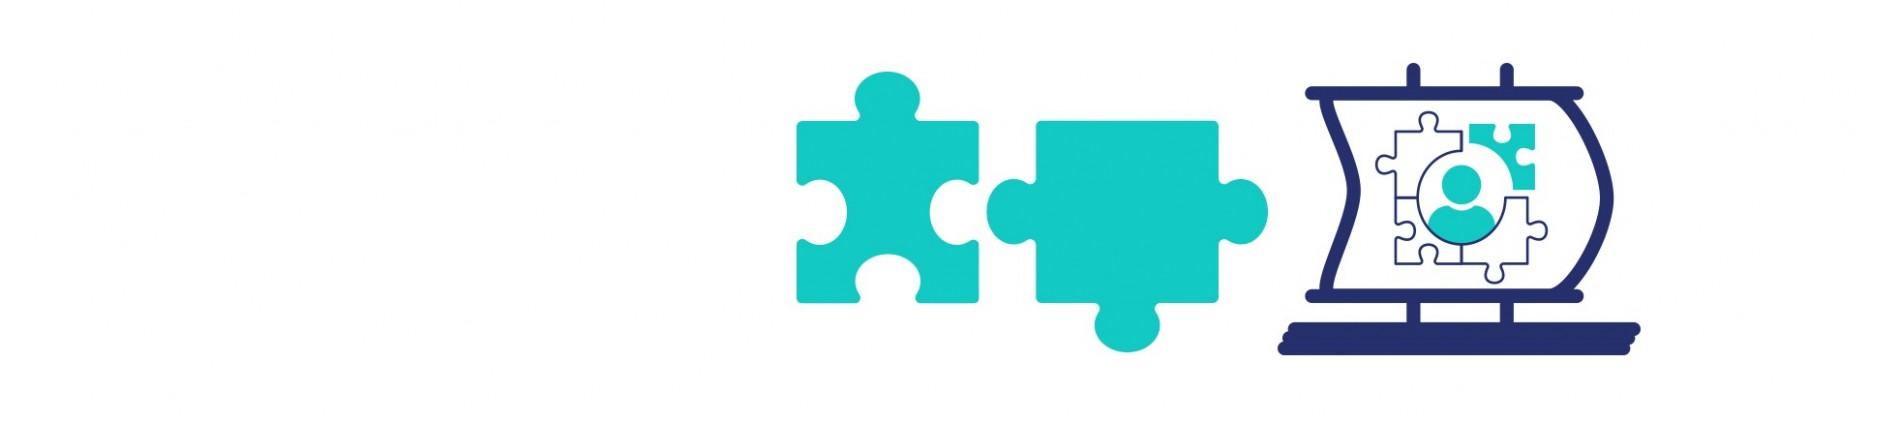 Vous êtes une personne autiste : développer l'autonomie et l'employabilité des personnes autistes